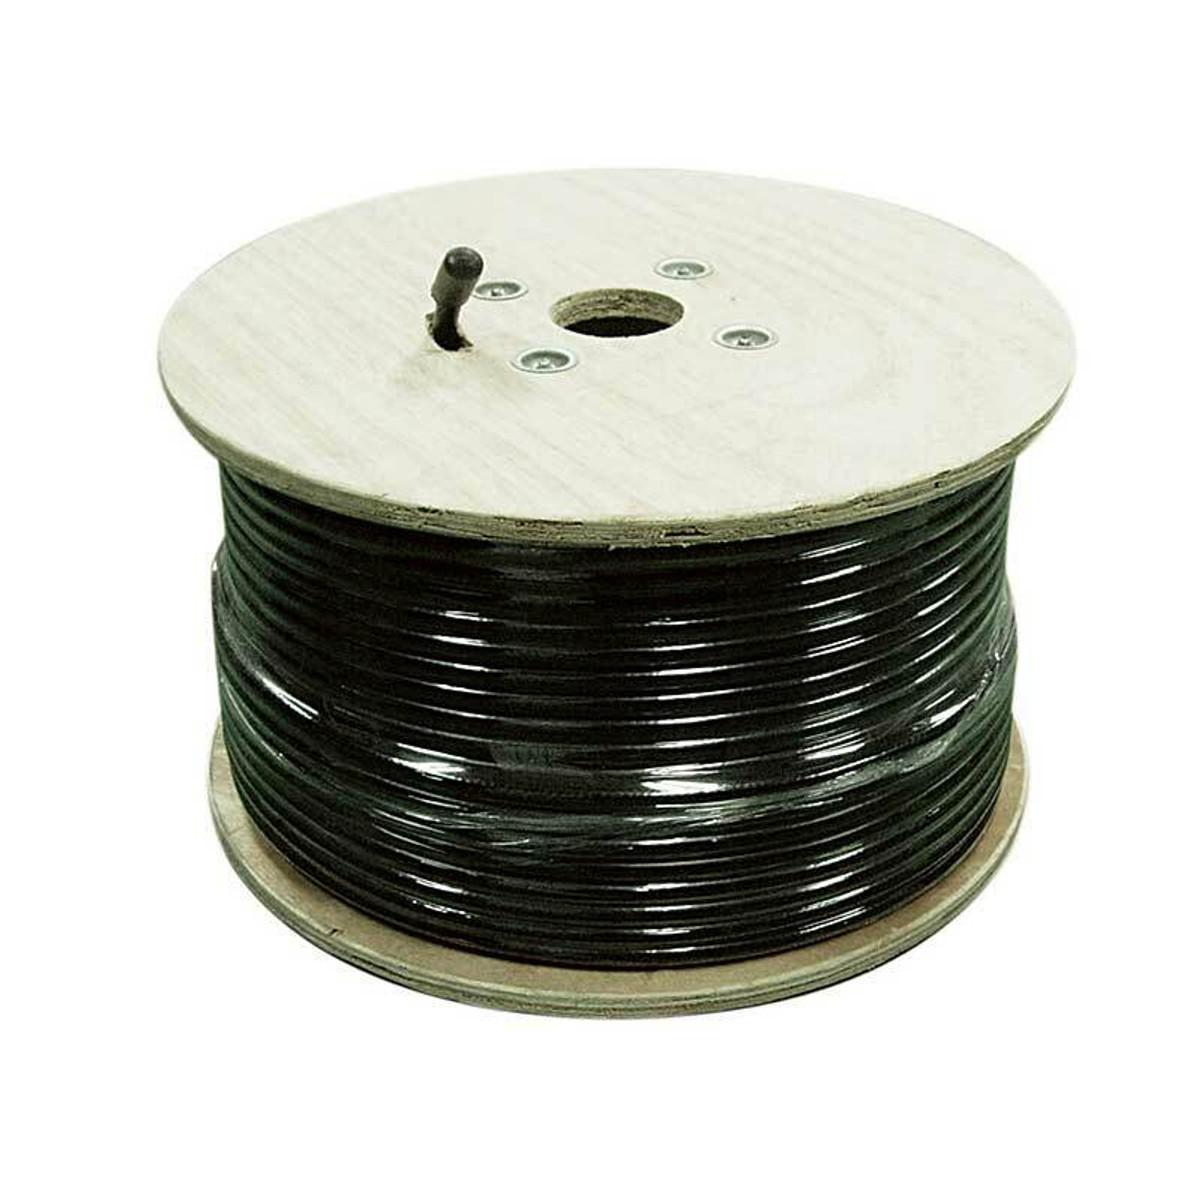 SureCall SureCall CM400 Cable Reel, No Connectors 1000ft or SC-001-1000